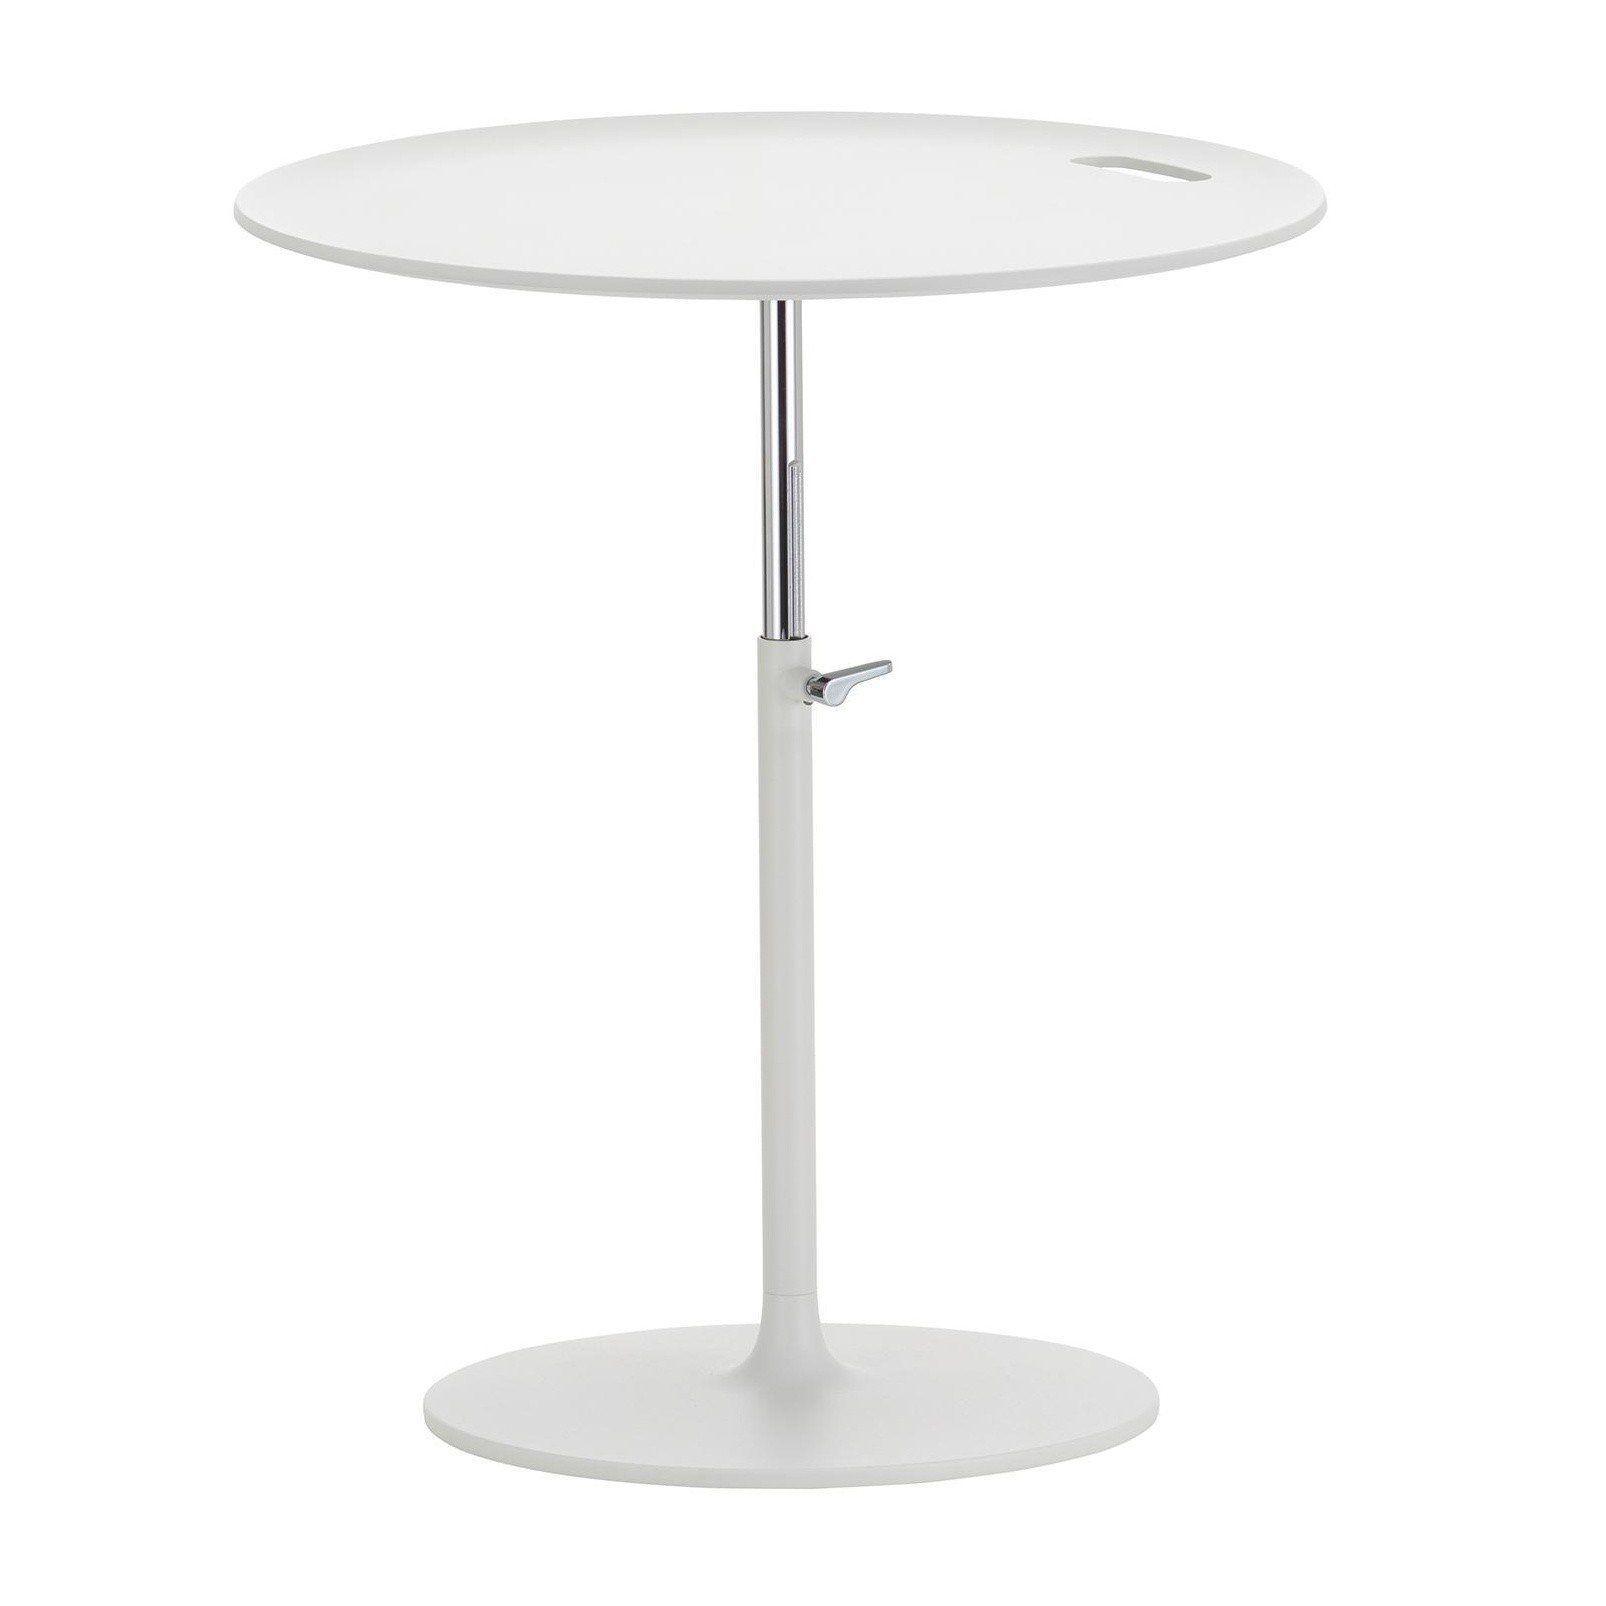 Wunderbar Höhenverstellbarer Beistelltisch Dekoration Von Vitra - Rise Table - Soft Light